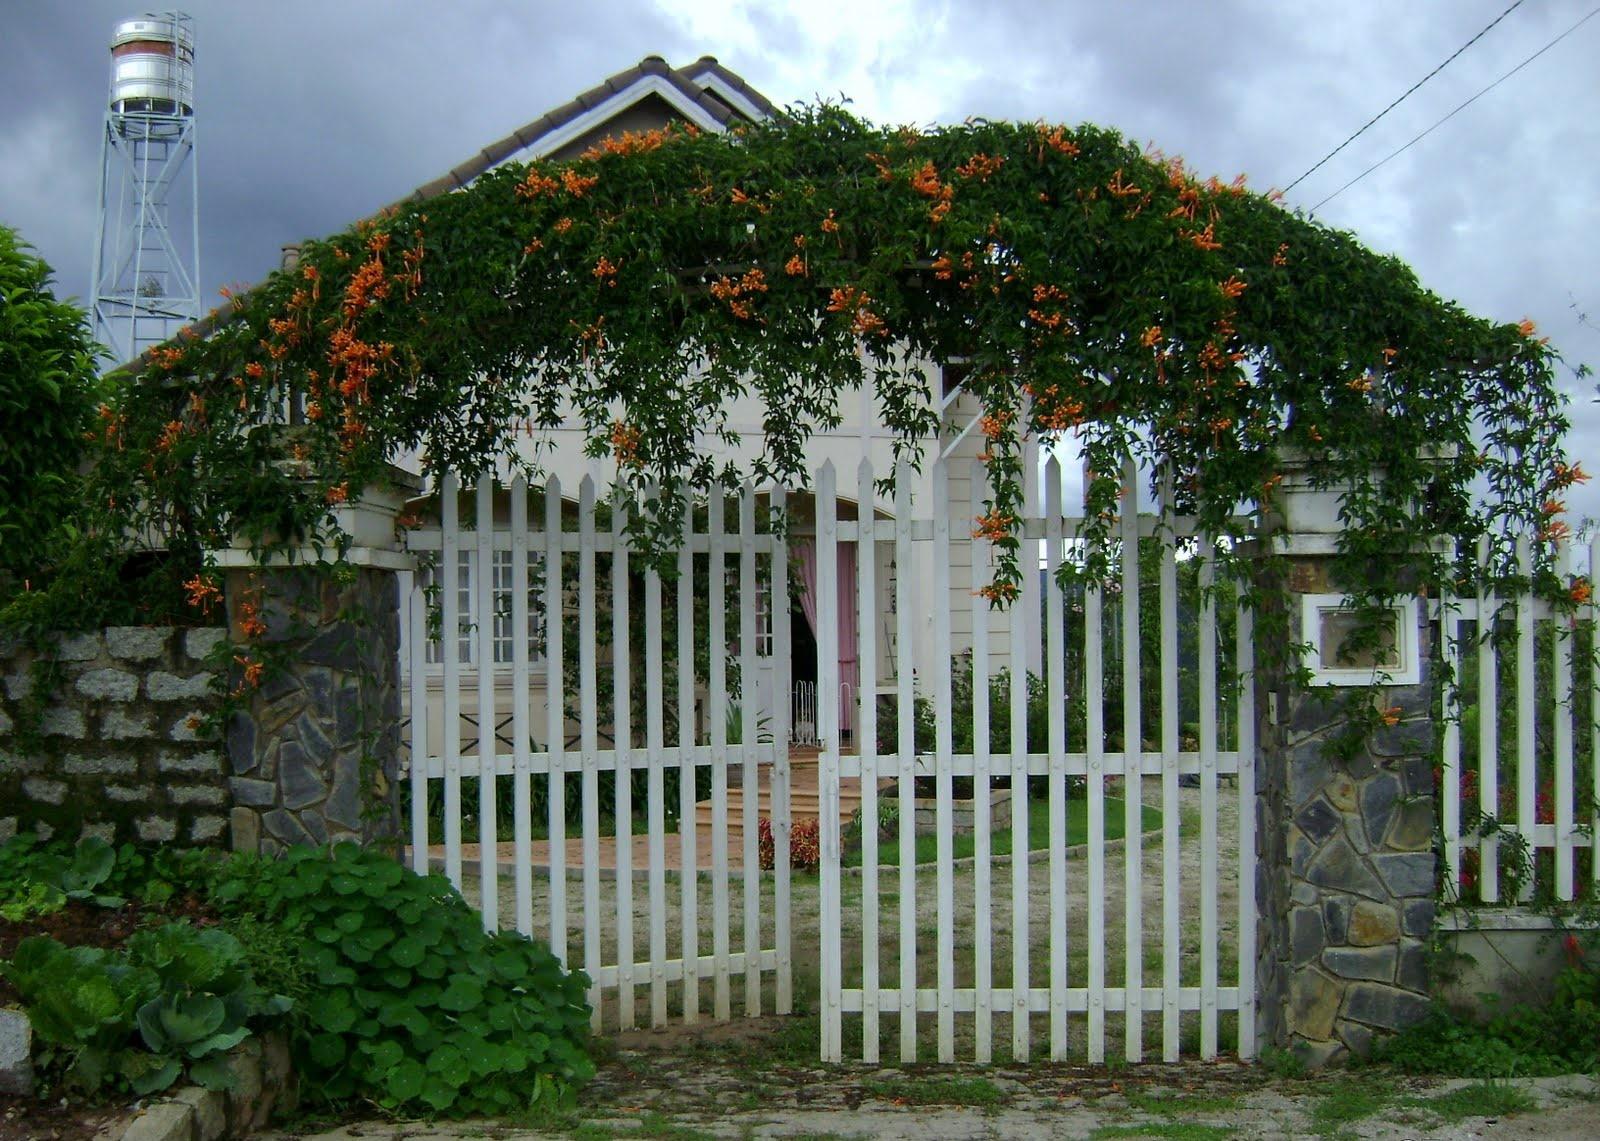 Bạn nên thường xuyên chặt tỉa cây cối xung quanh cổng để giúp cổng luôn sáng sủa, rộng rãi